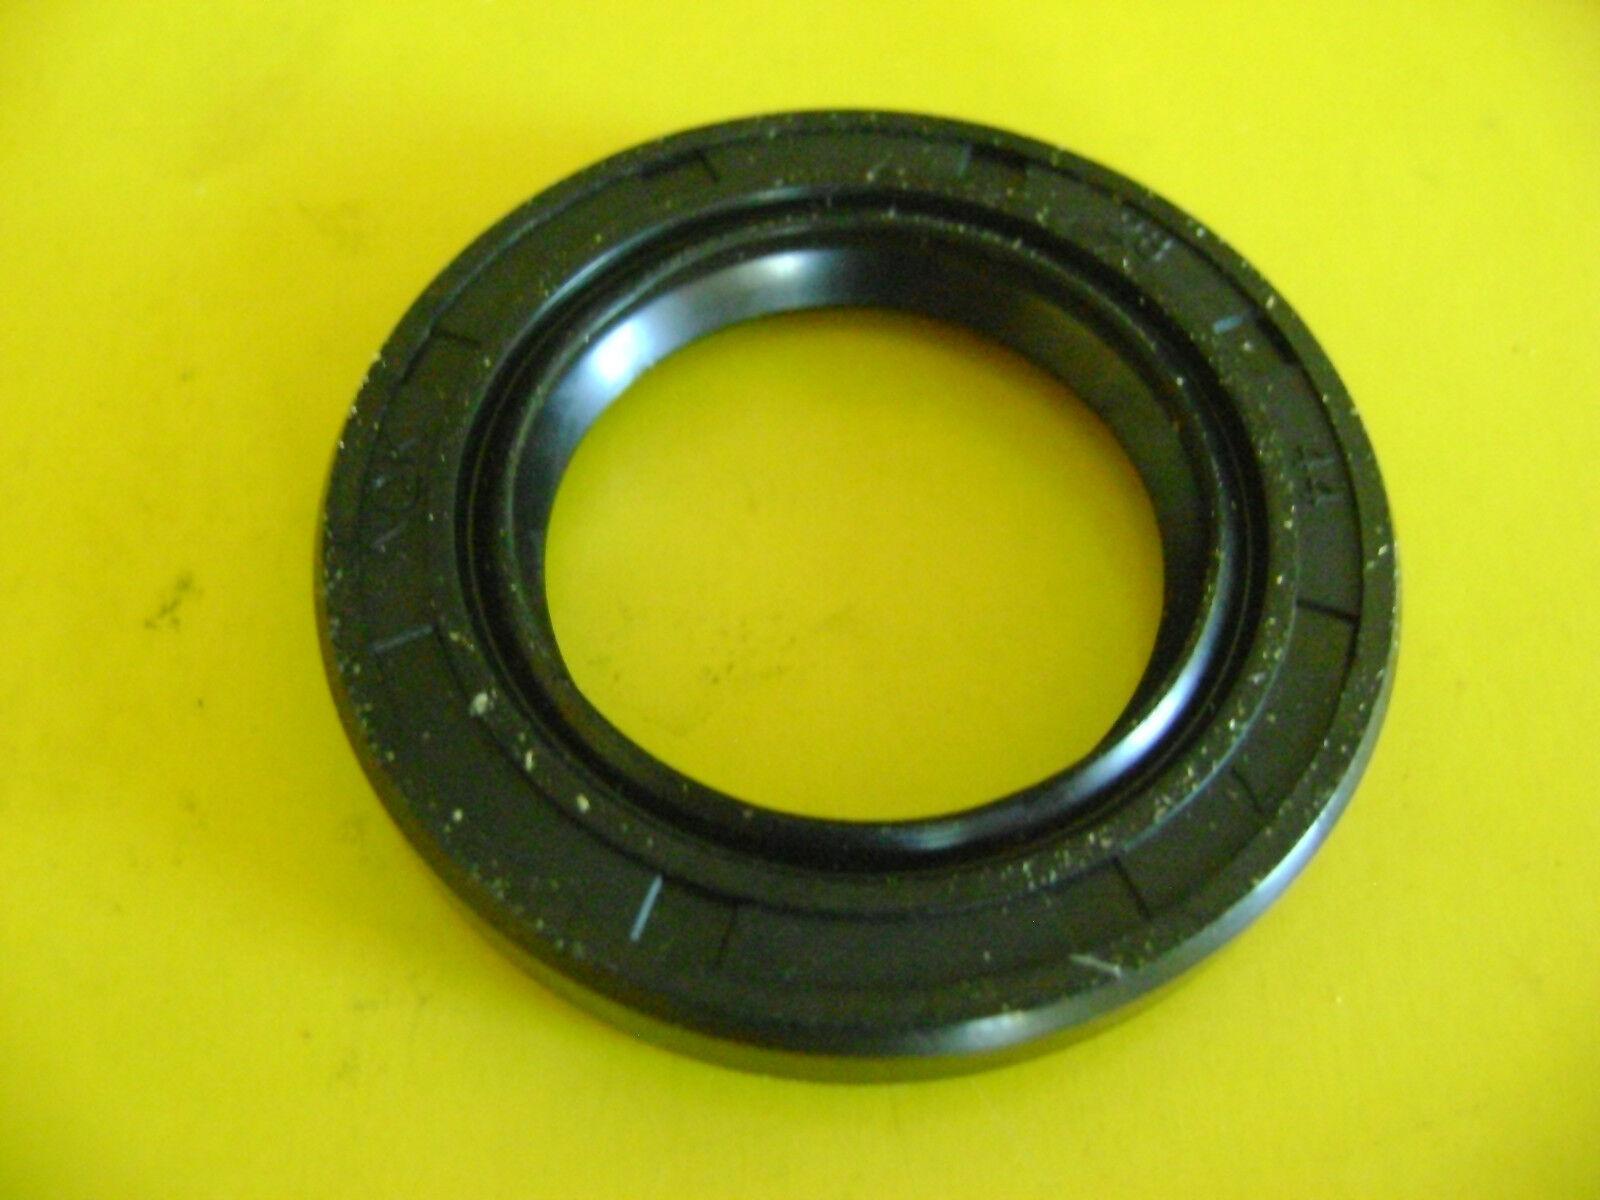 NEW TC 27X45X7 DOUBLE LIPS METRIC OIL DUST SEAL 27mm X 45mm X 7mm